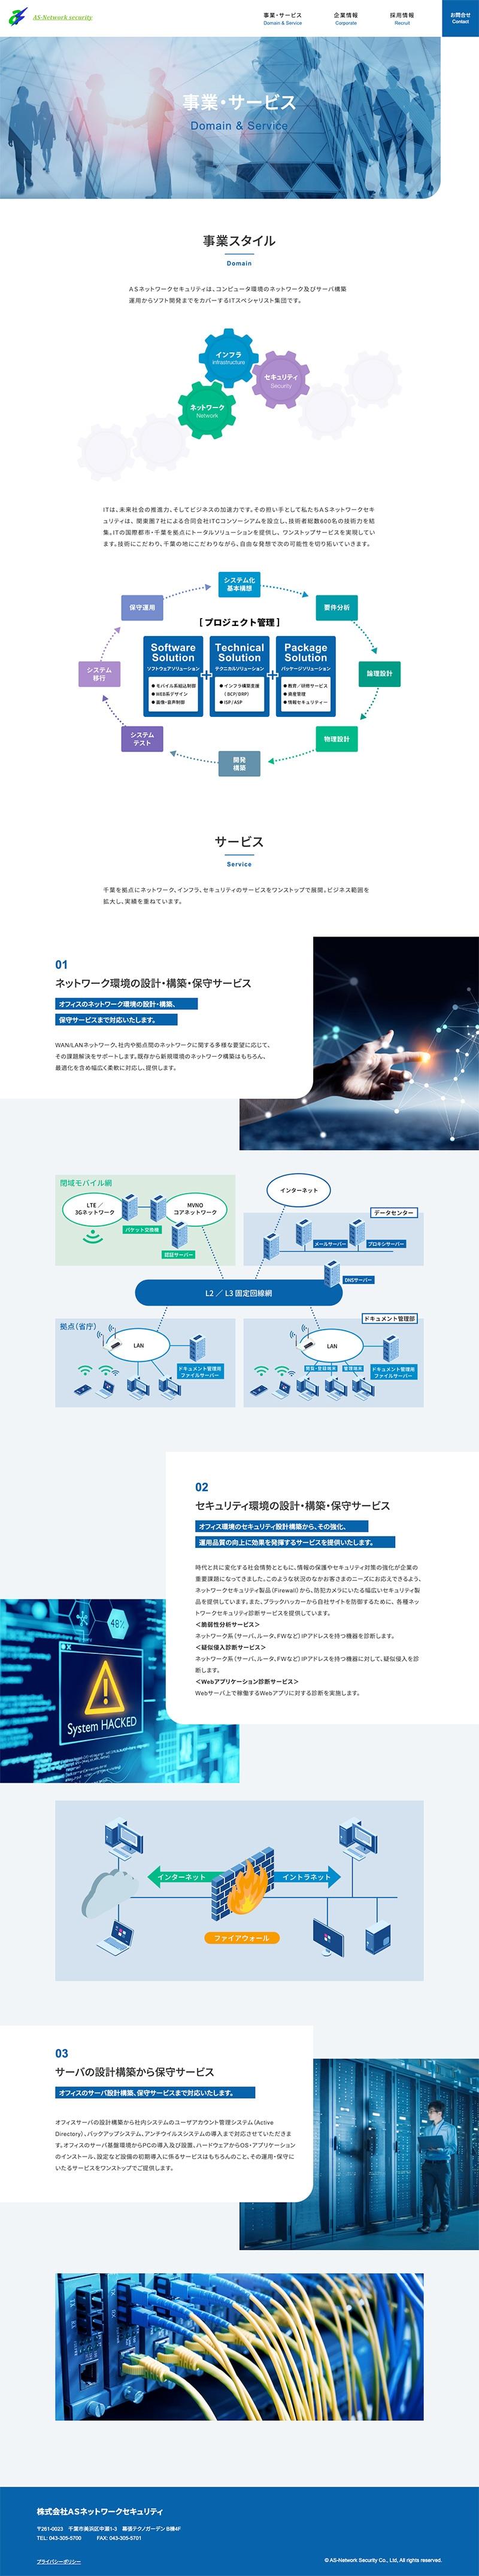 株式会社ASネットワークセキュリティ様・Webサイト